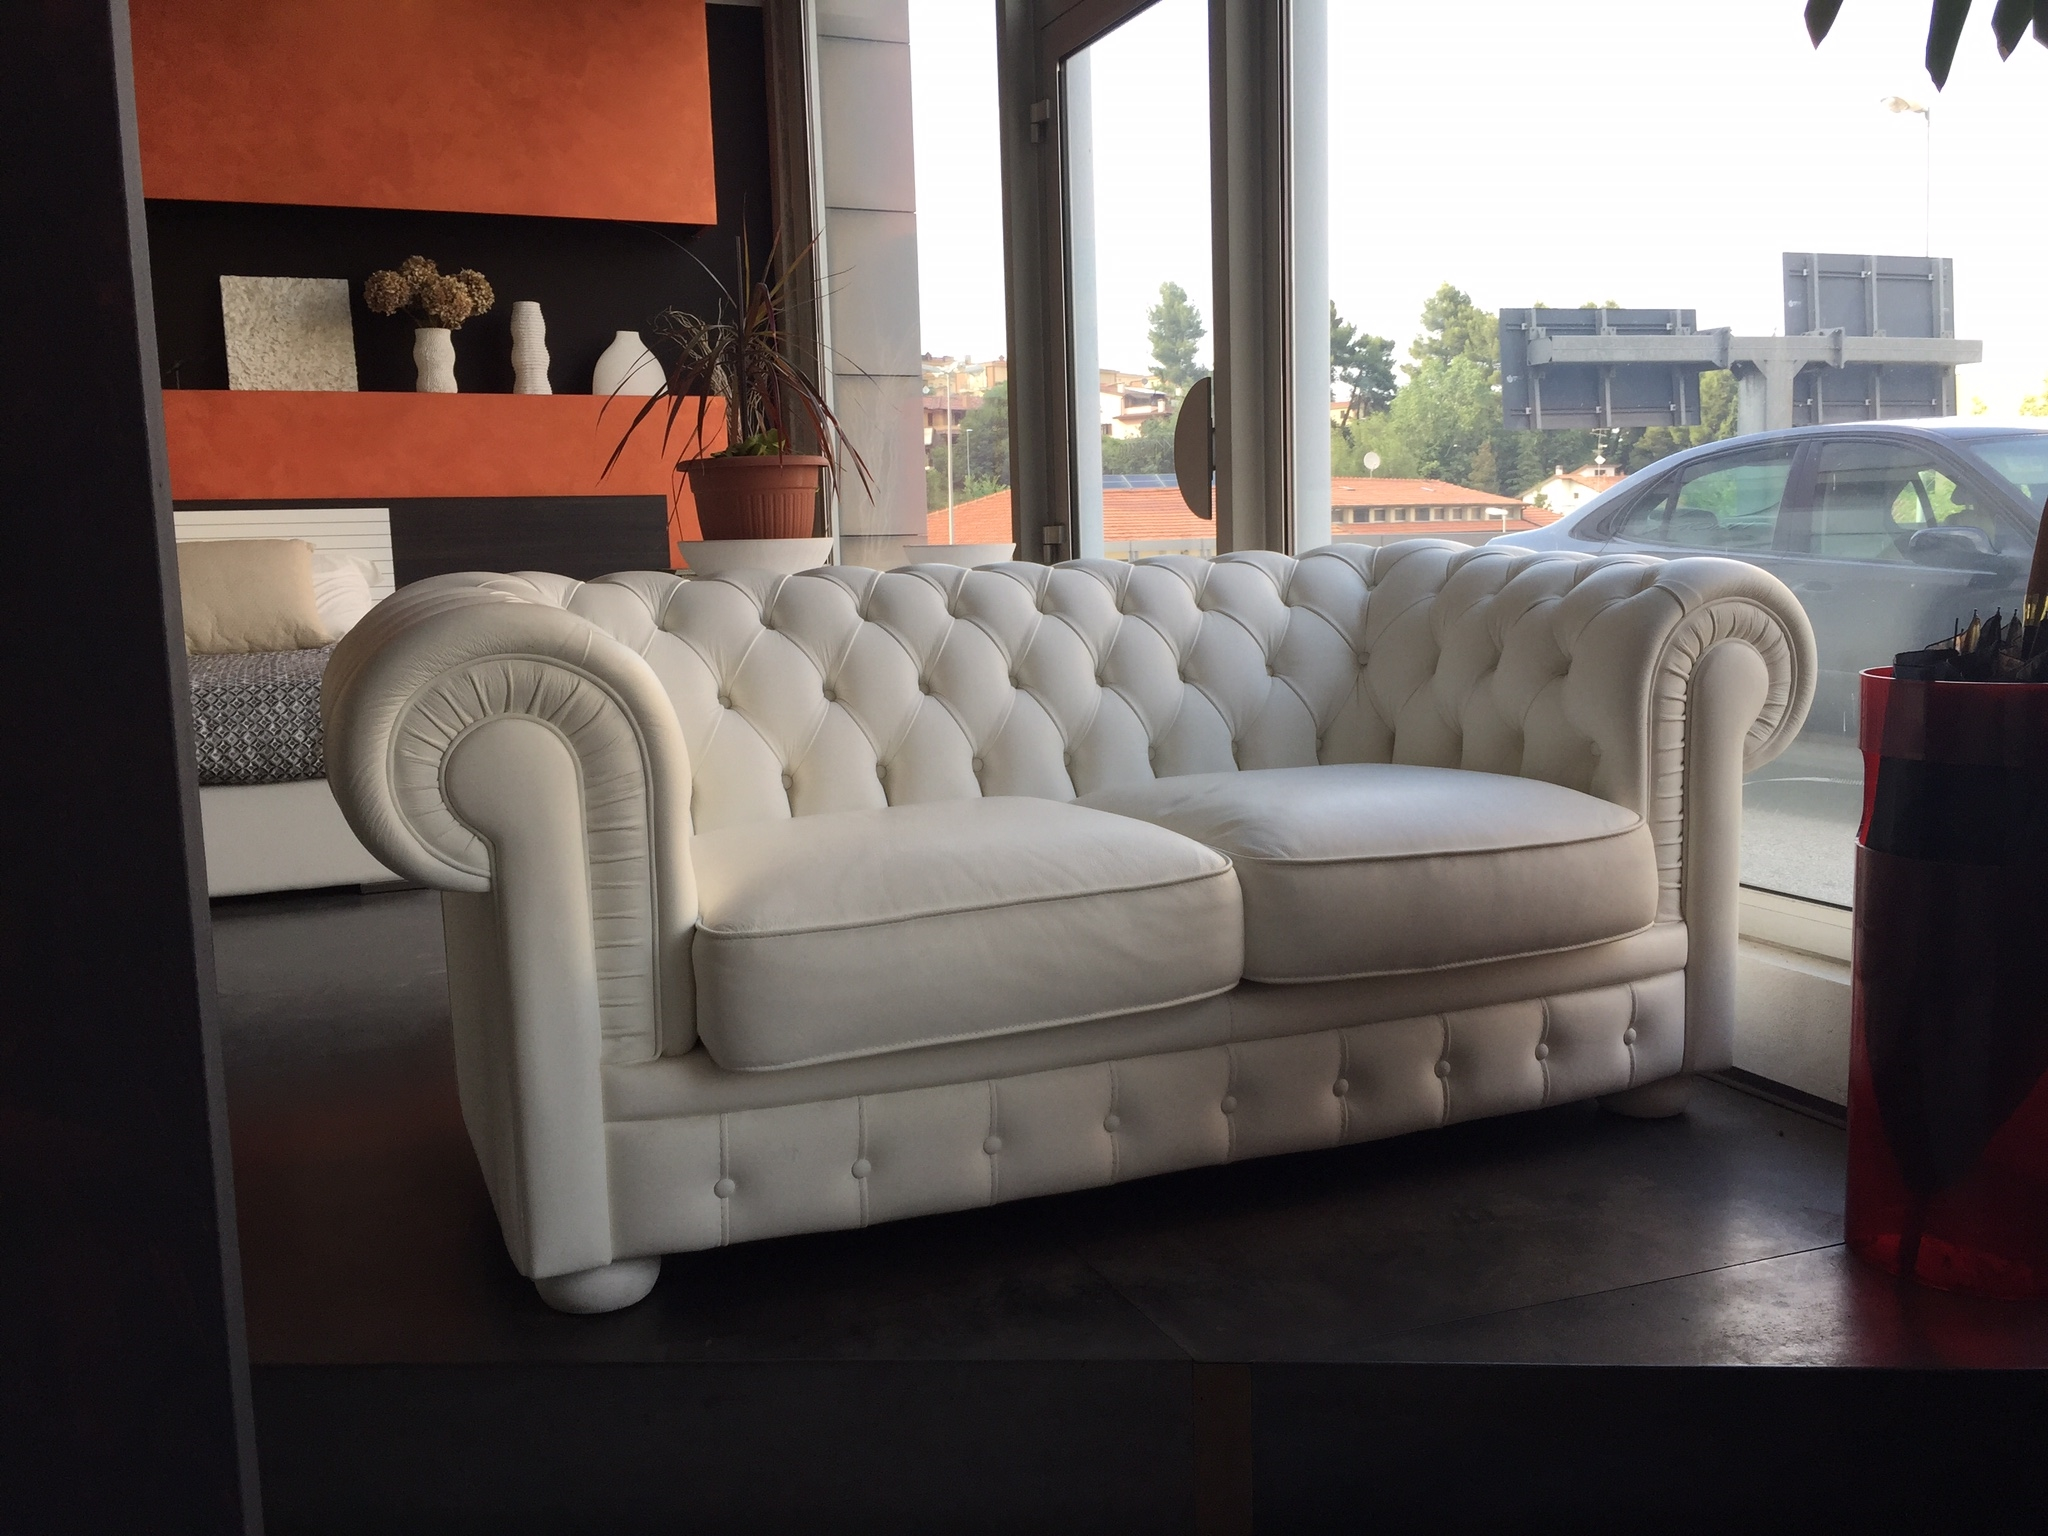 Divano doimo sofas alioth pelle chester sconto 67 for Divano letto in pelle prezzi